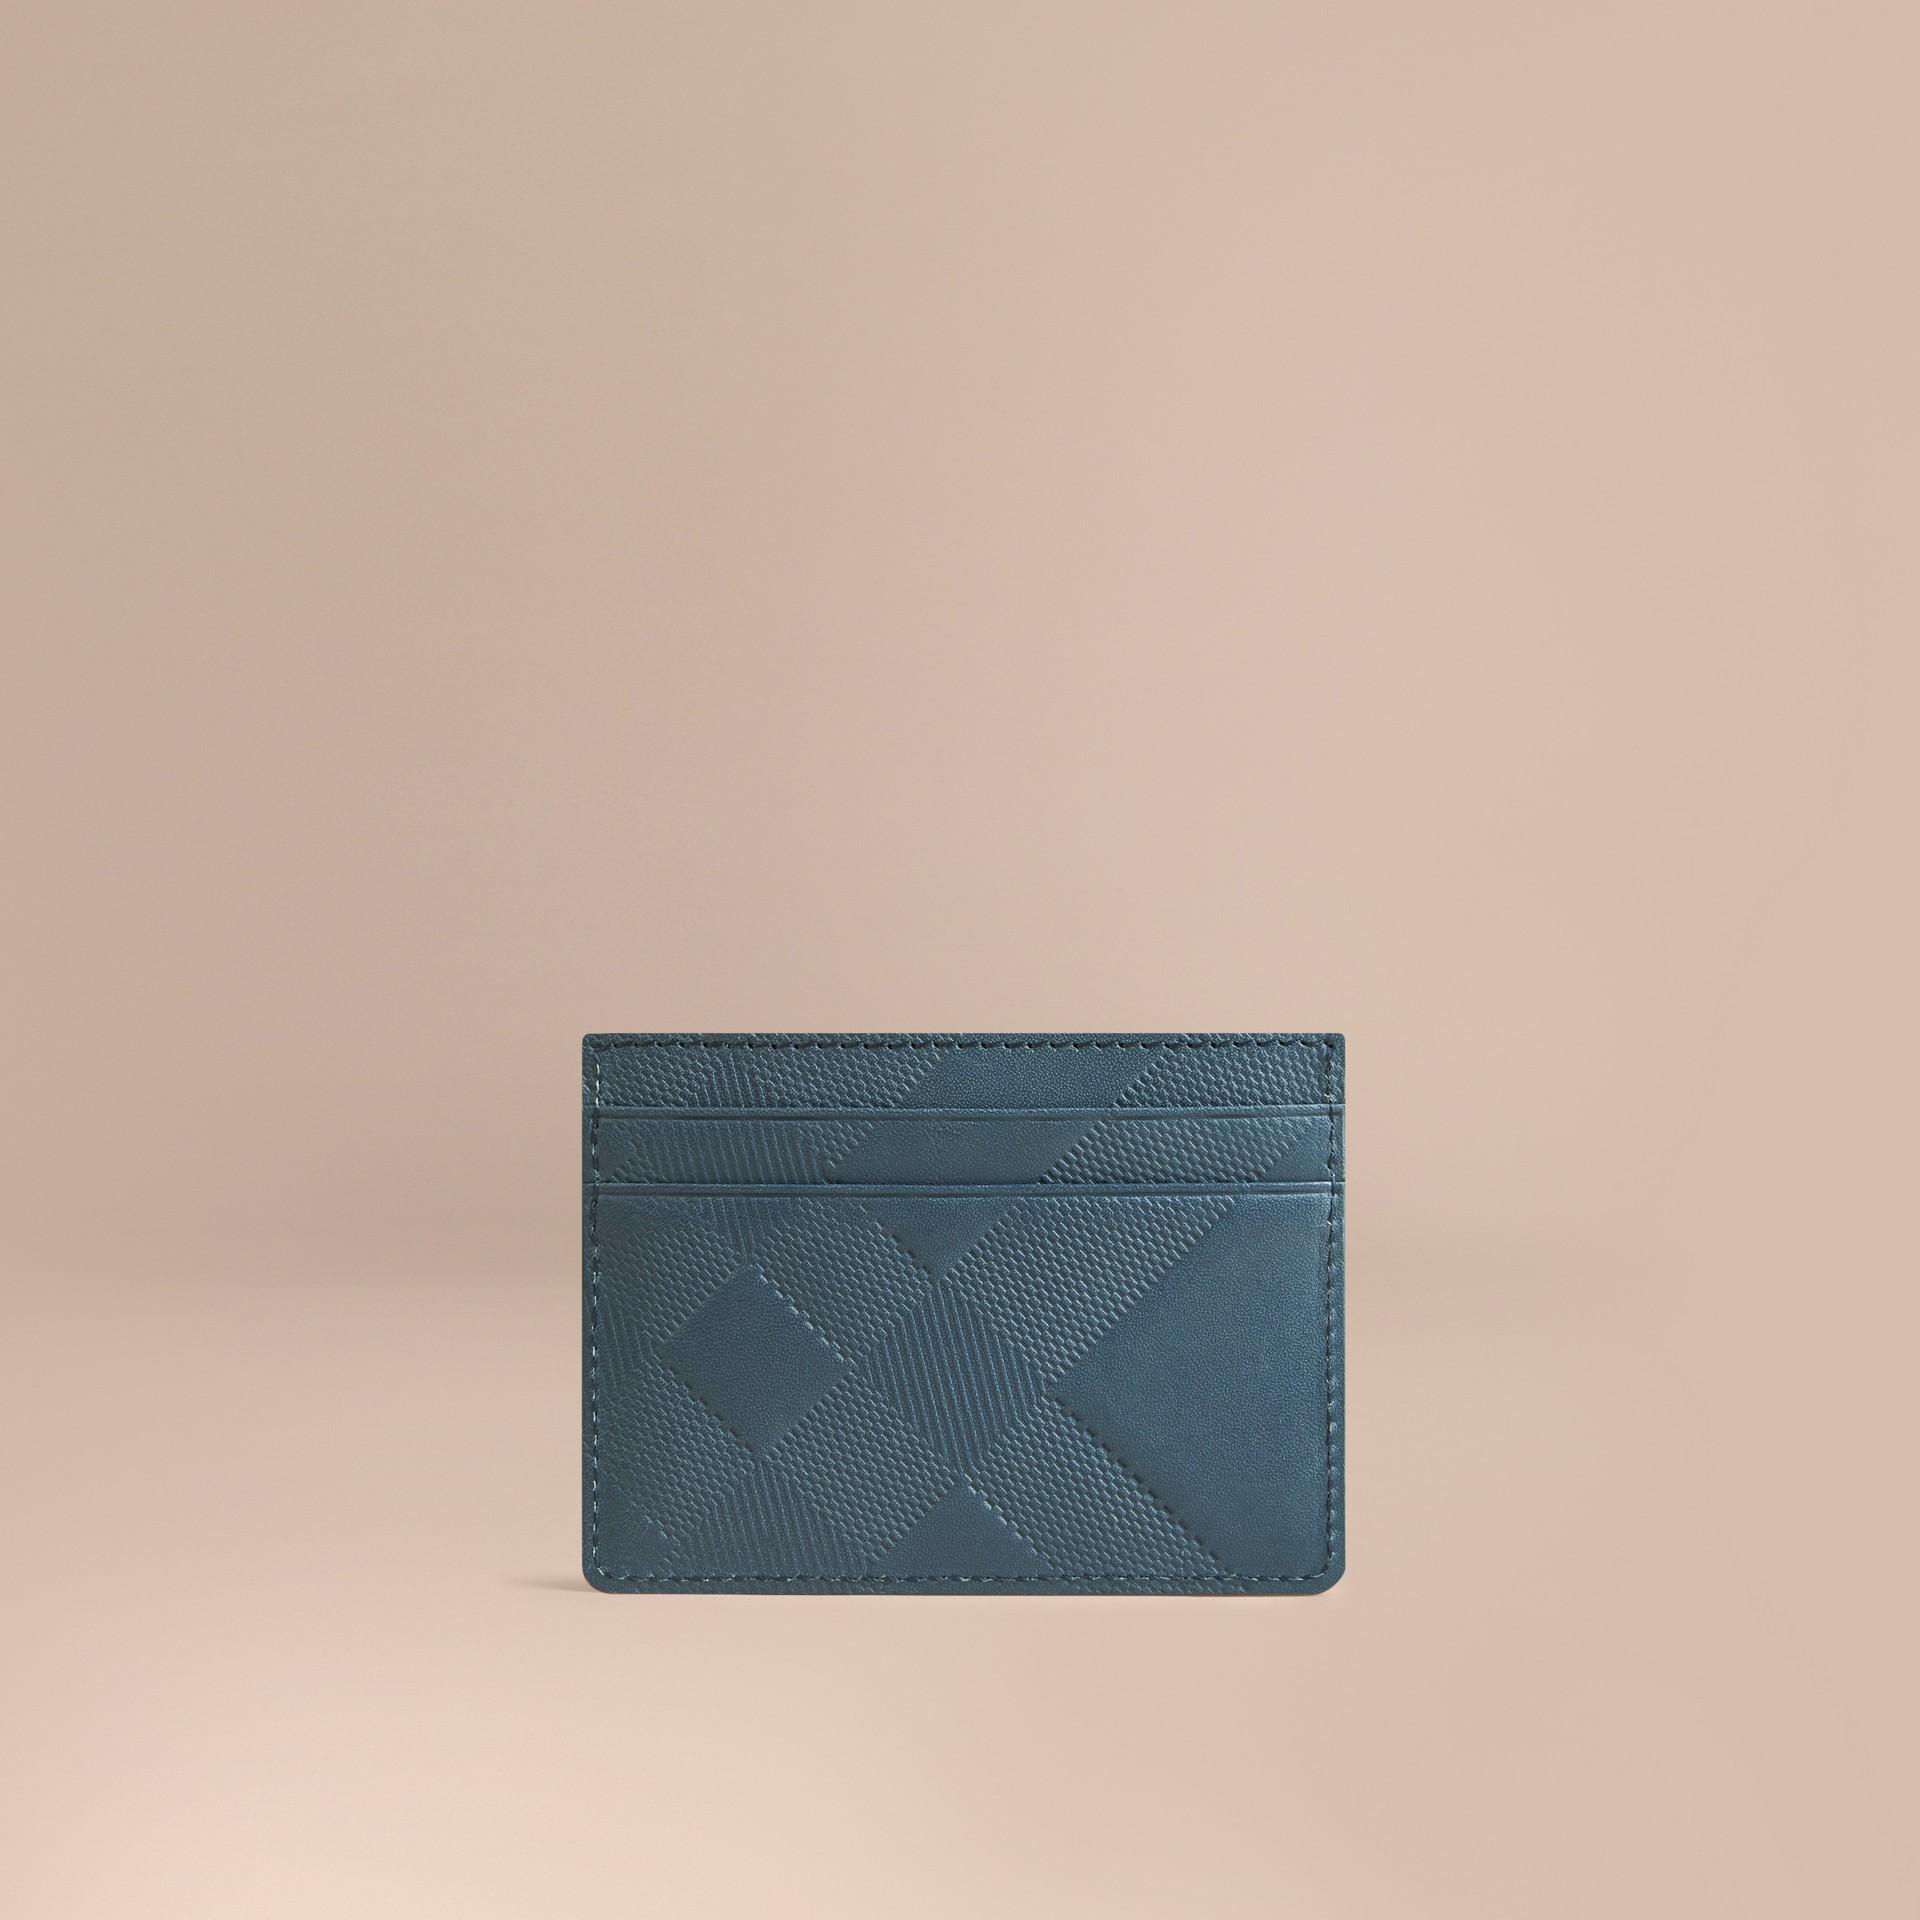 Azul acero Tarjetero en piel con checks grabados Azul Acero - imagen de la galería 1